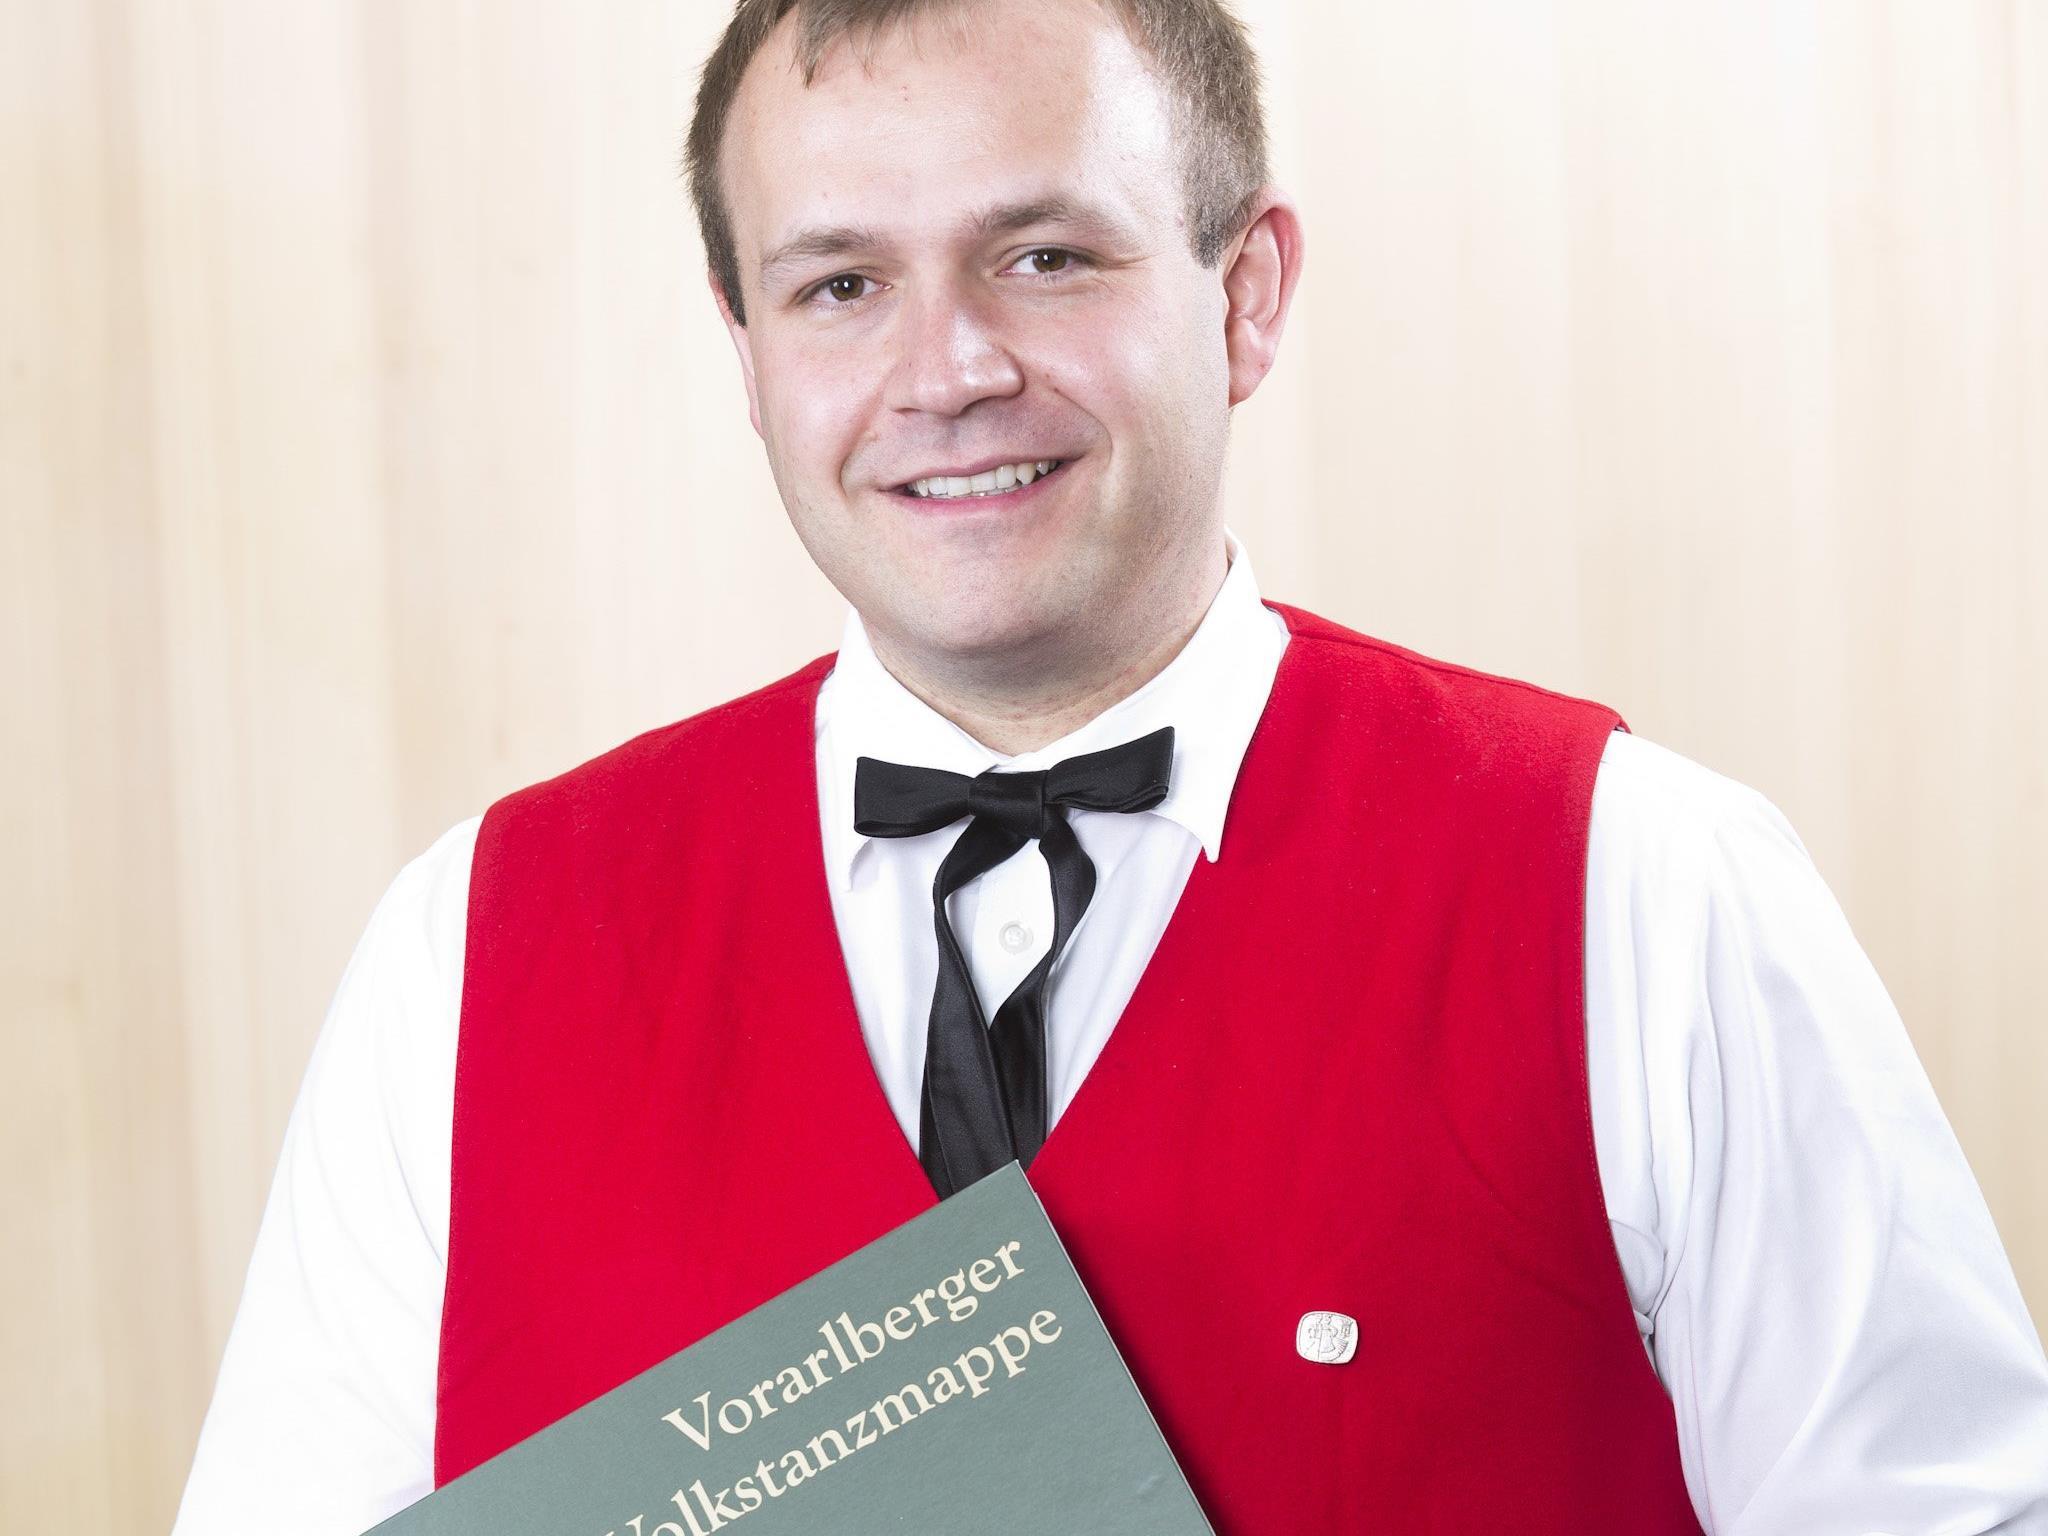 Christian Bitschnau wurde für die Erstellung der neuen Vorarlberg Volkstanzmappe von Landeshauptmann Wallner geehrt.